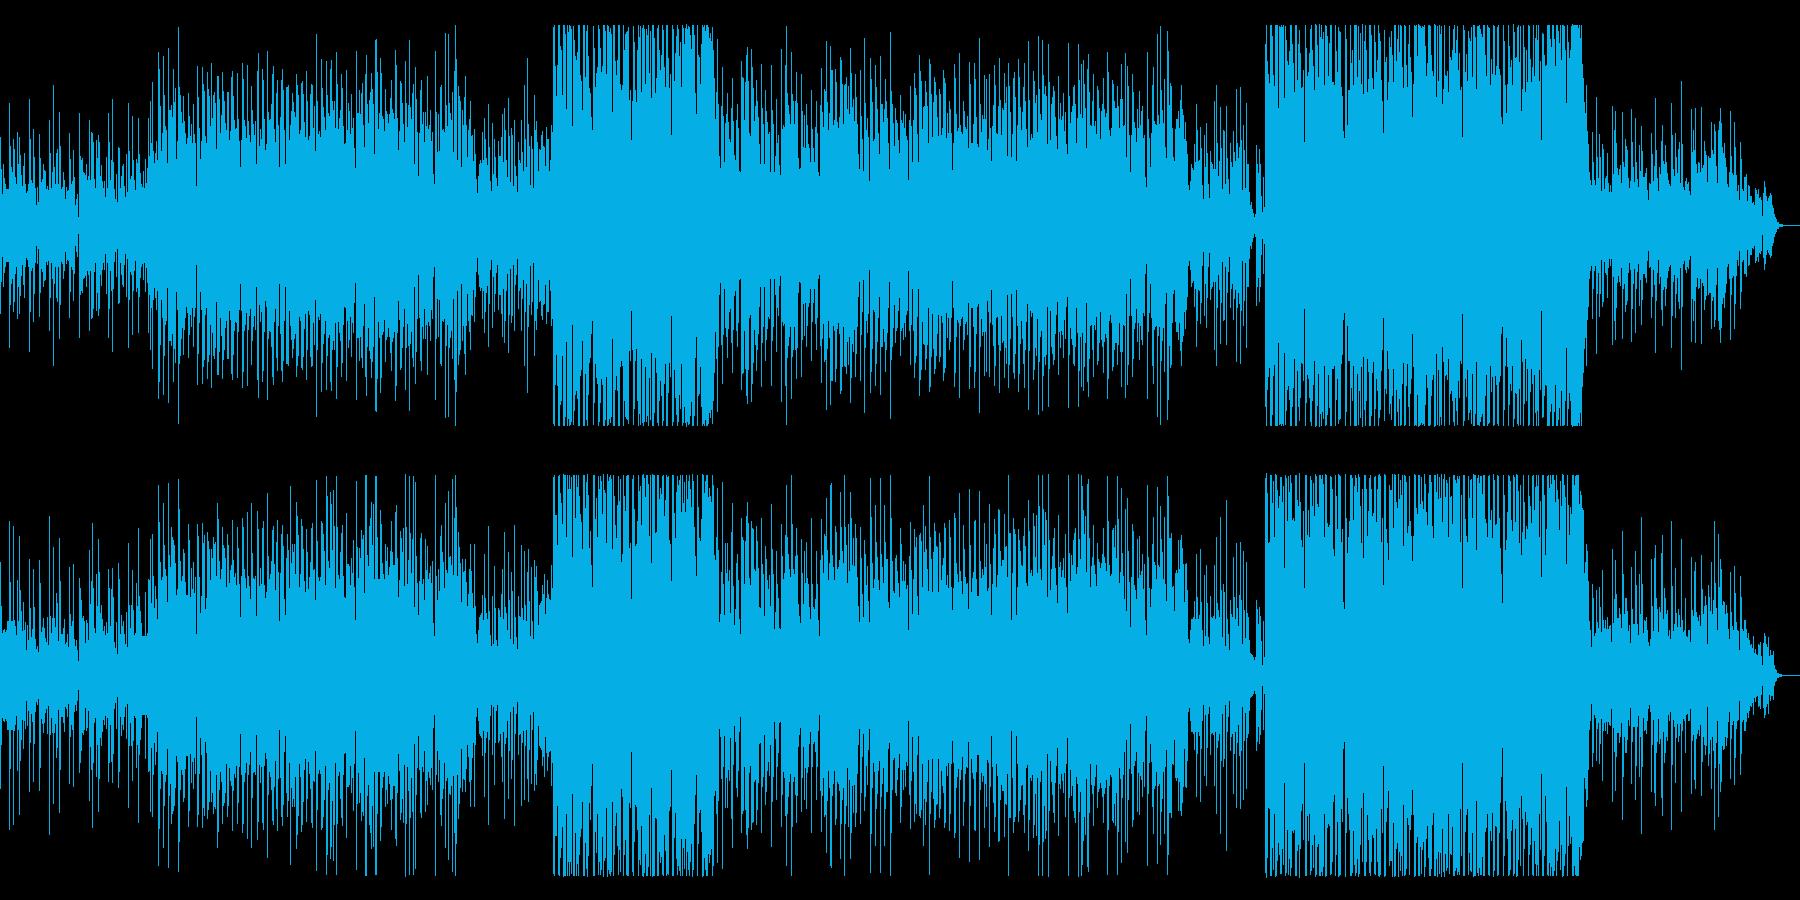 和を感じる女性ボーカルのトロピカルハウスの再生済みの波形